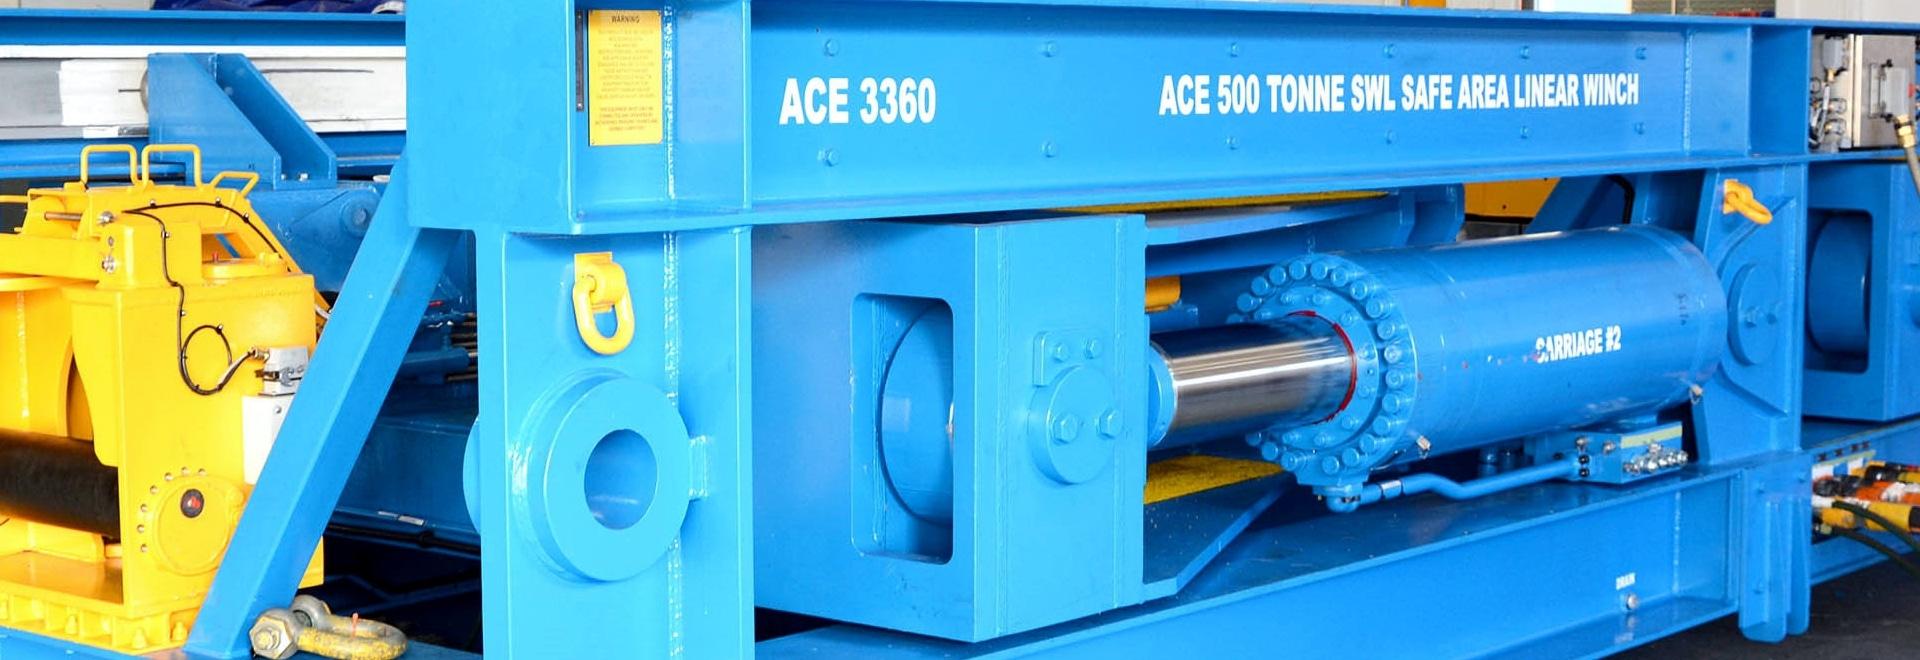 Los tornos de ACE anuncian el NUEVO torno linear 500te en la energía costera 2016